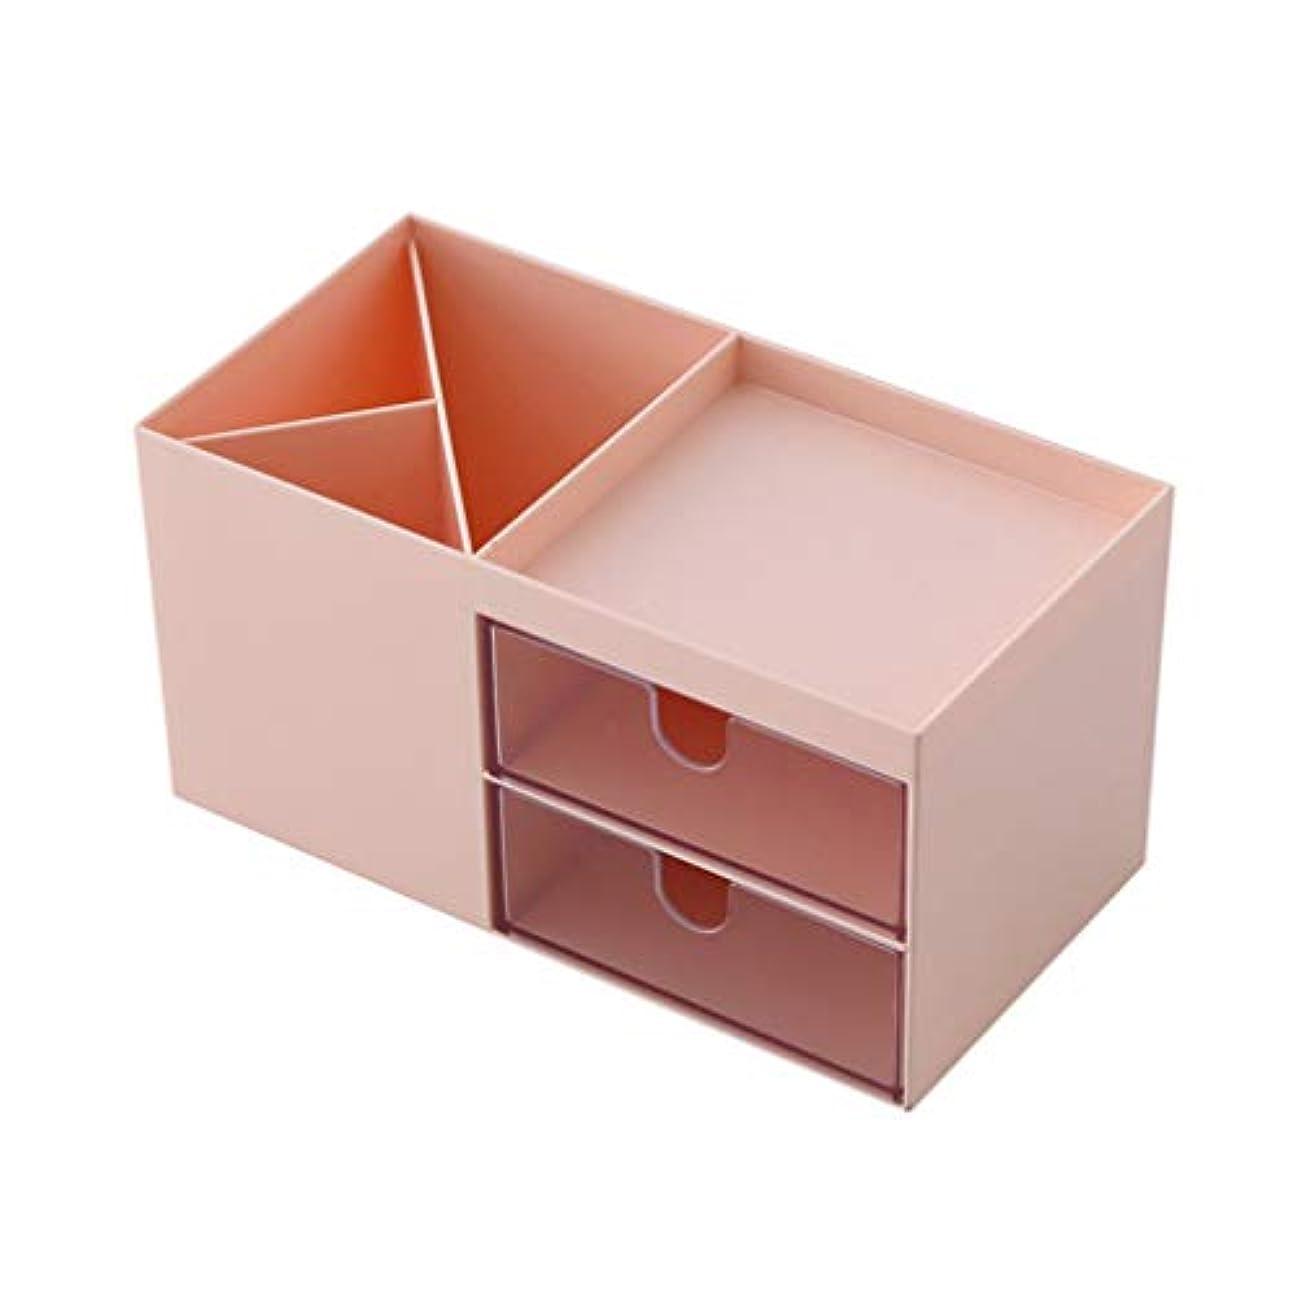 アクティブ機転編集者NUOBESTY Cosmetic Box Makeup Table Storager Case Compartments Storage Case Container Women Men